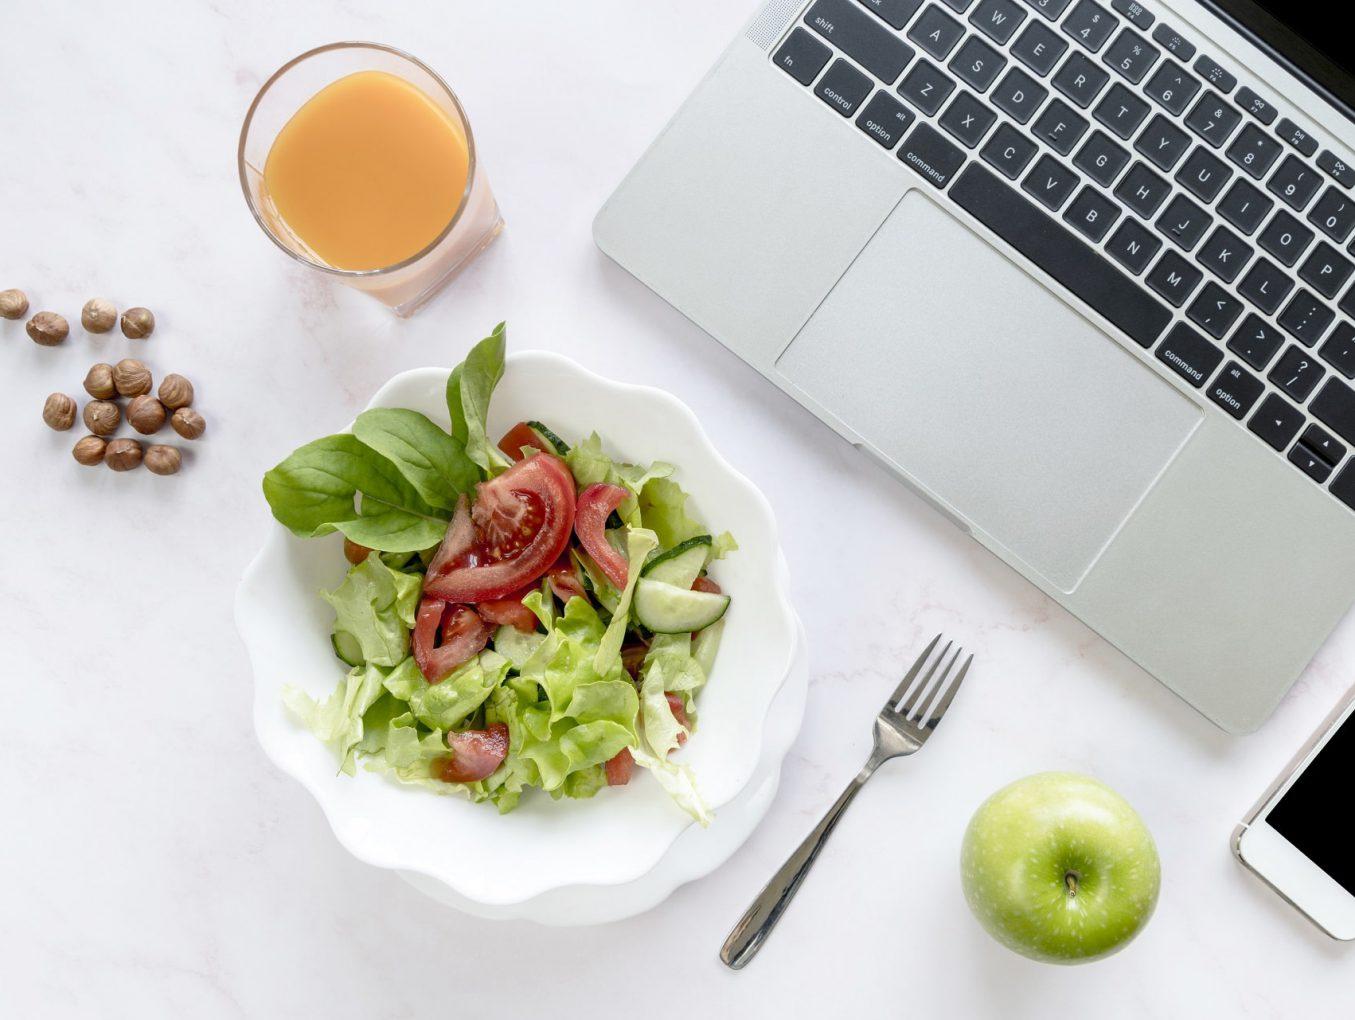 Kilka przydatnych porad jak łatwo i bez wyrzeczeń gubić zbędne kilogramy.